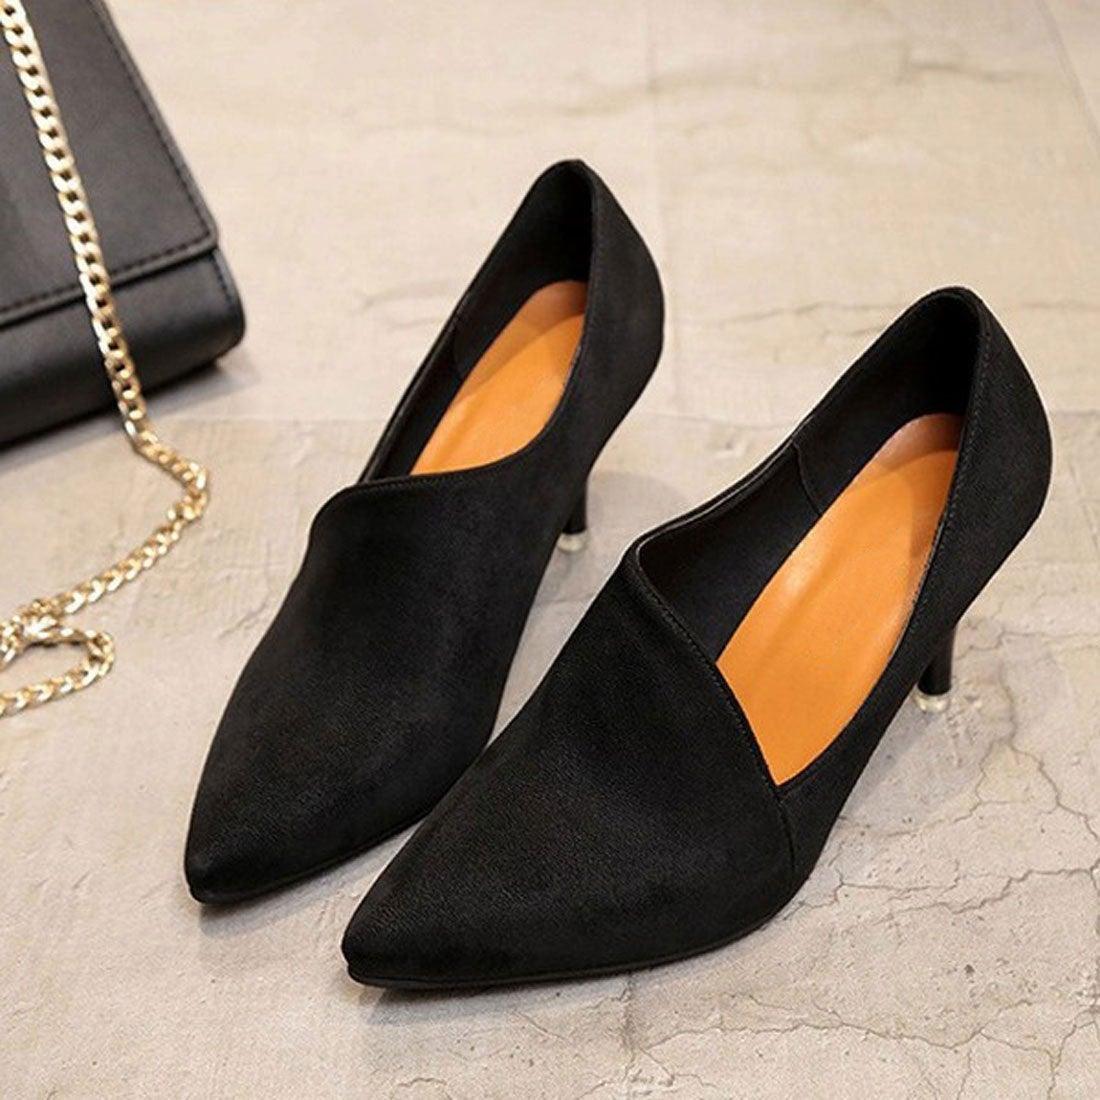 35c35c02c881c チュクラ chuclla アシンメトリーカット スエード調 パンプス (ブラック(スエード調)) -靴&ファッション通販 ロコンド〜自宅で 試着、気軽に返品